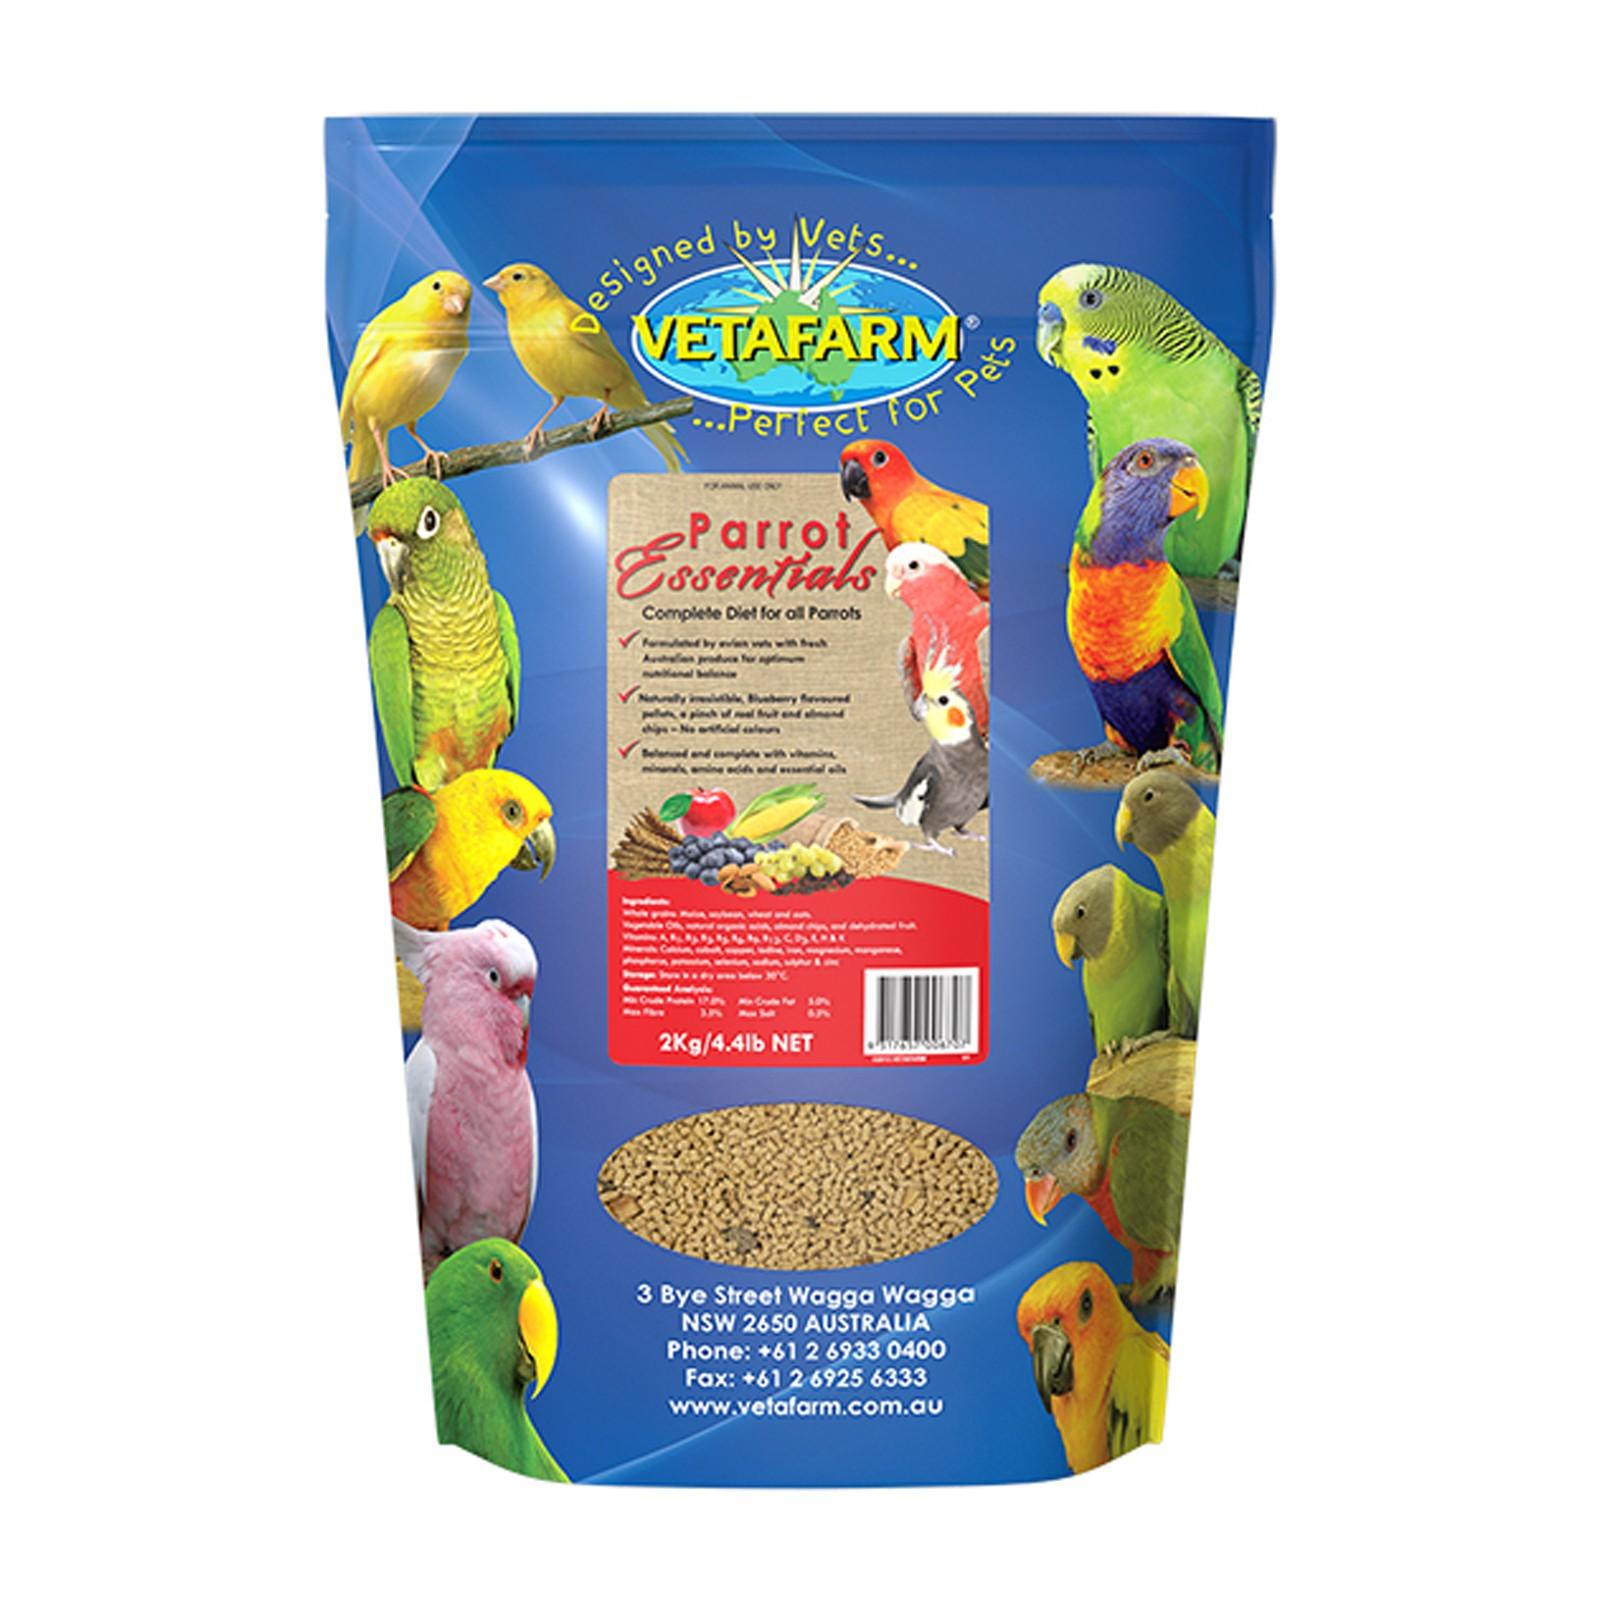 Vetafarm Parrot Essentials Pellets 2kg - For all Pet Parrots and Birds